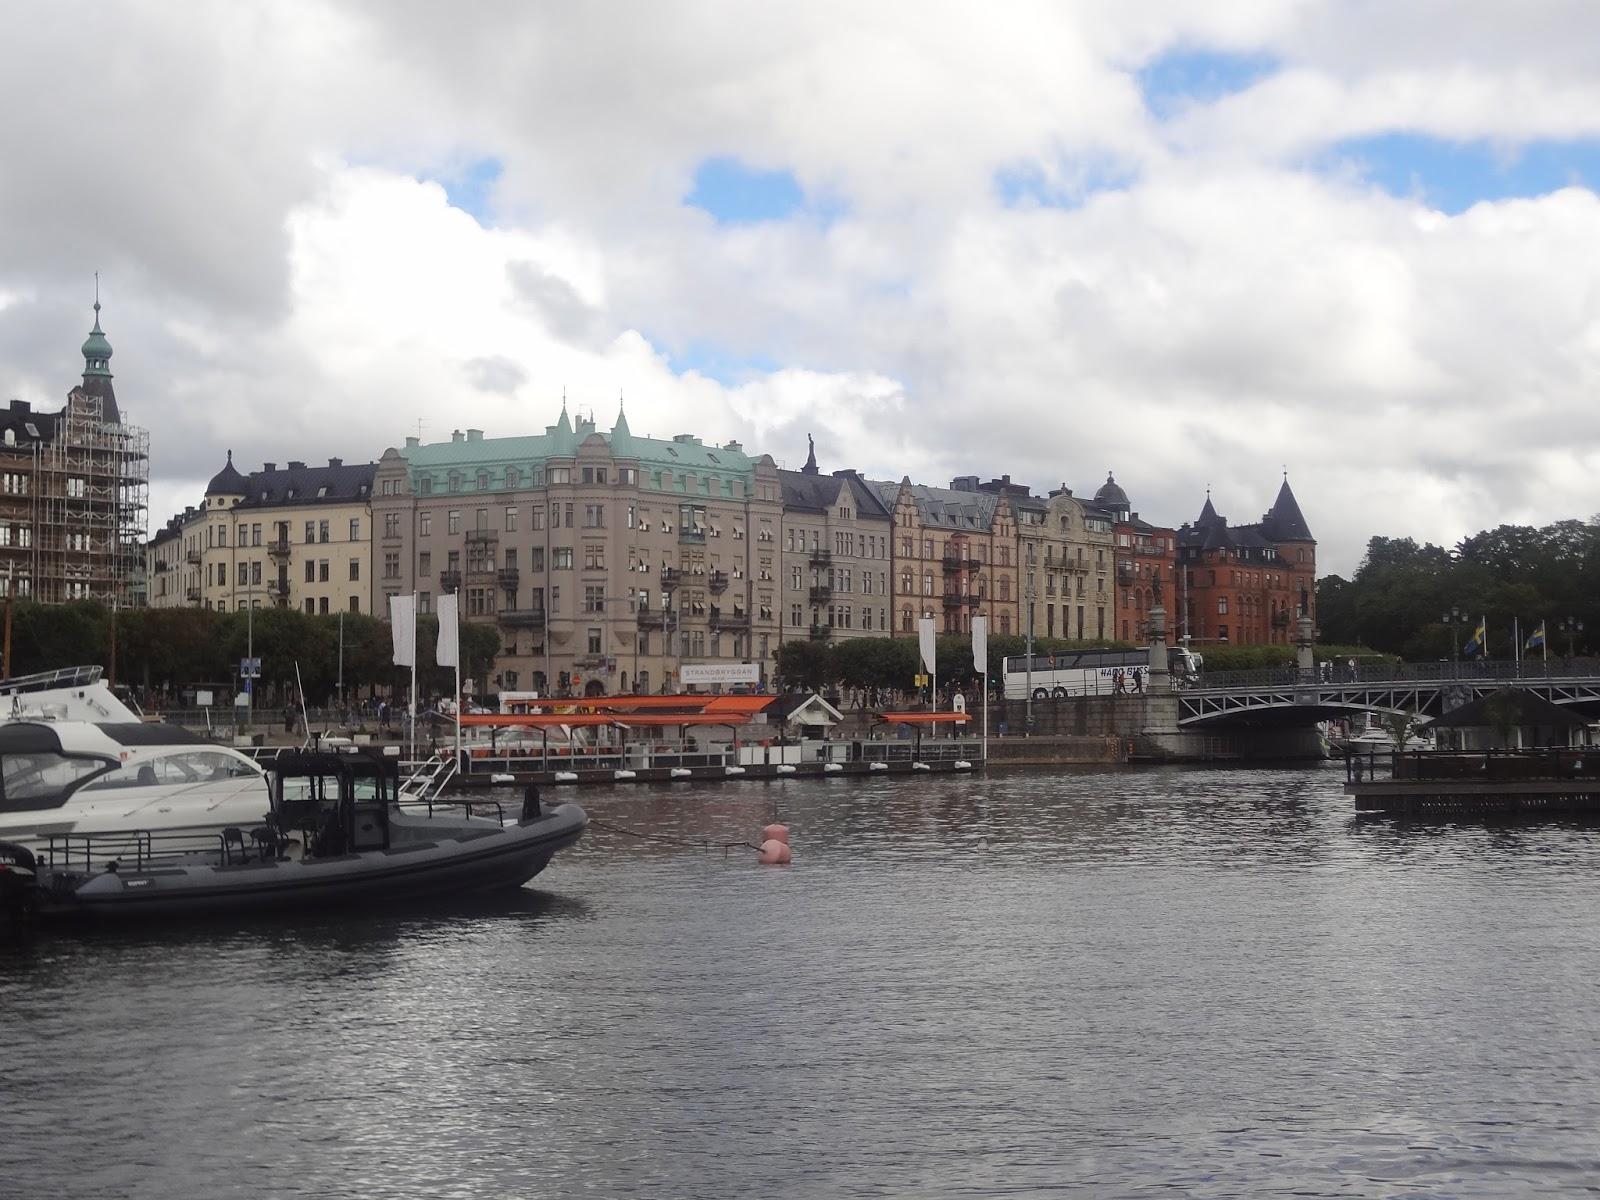 http://lesmeandresdecyprienne.blogspot.com/2016/12/quelques-jours-stockholm.html